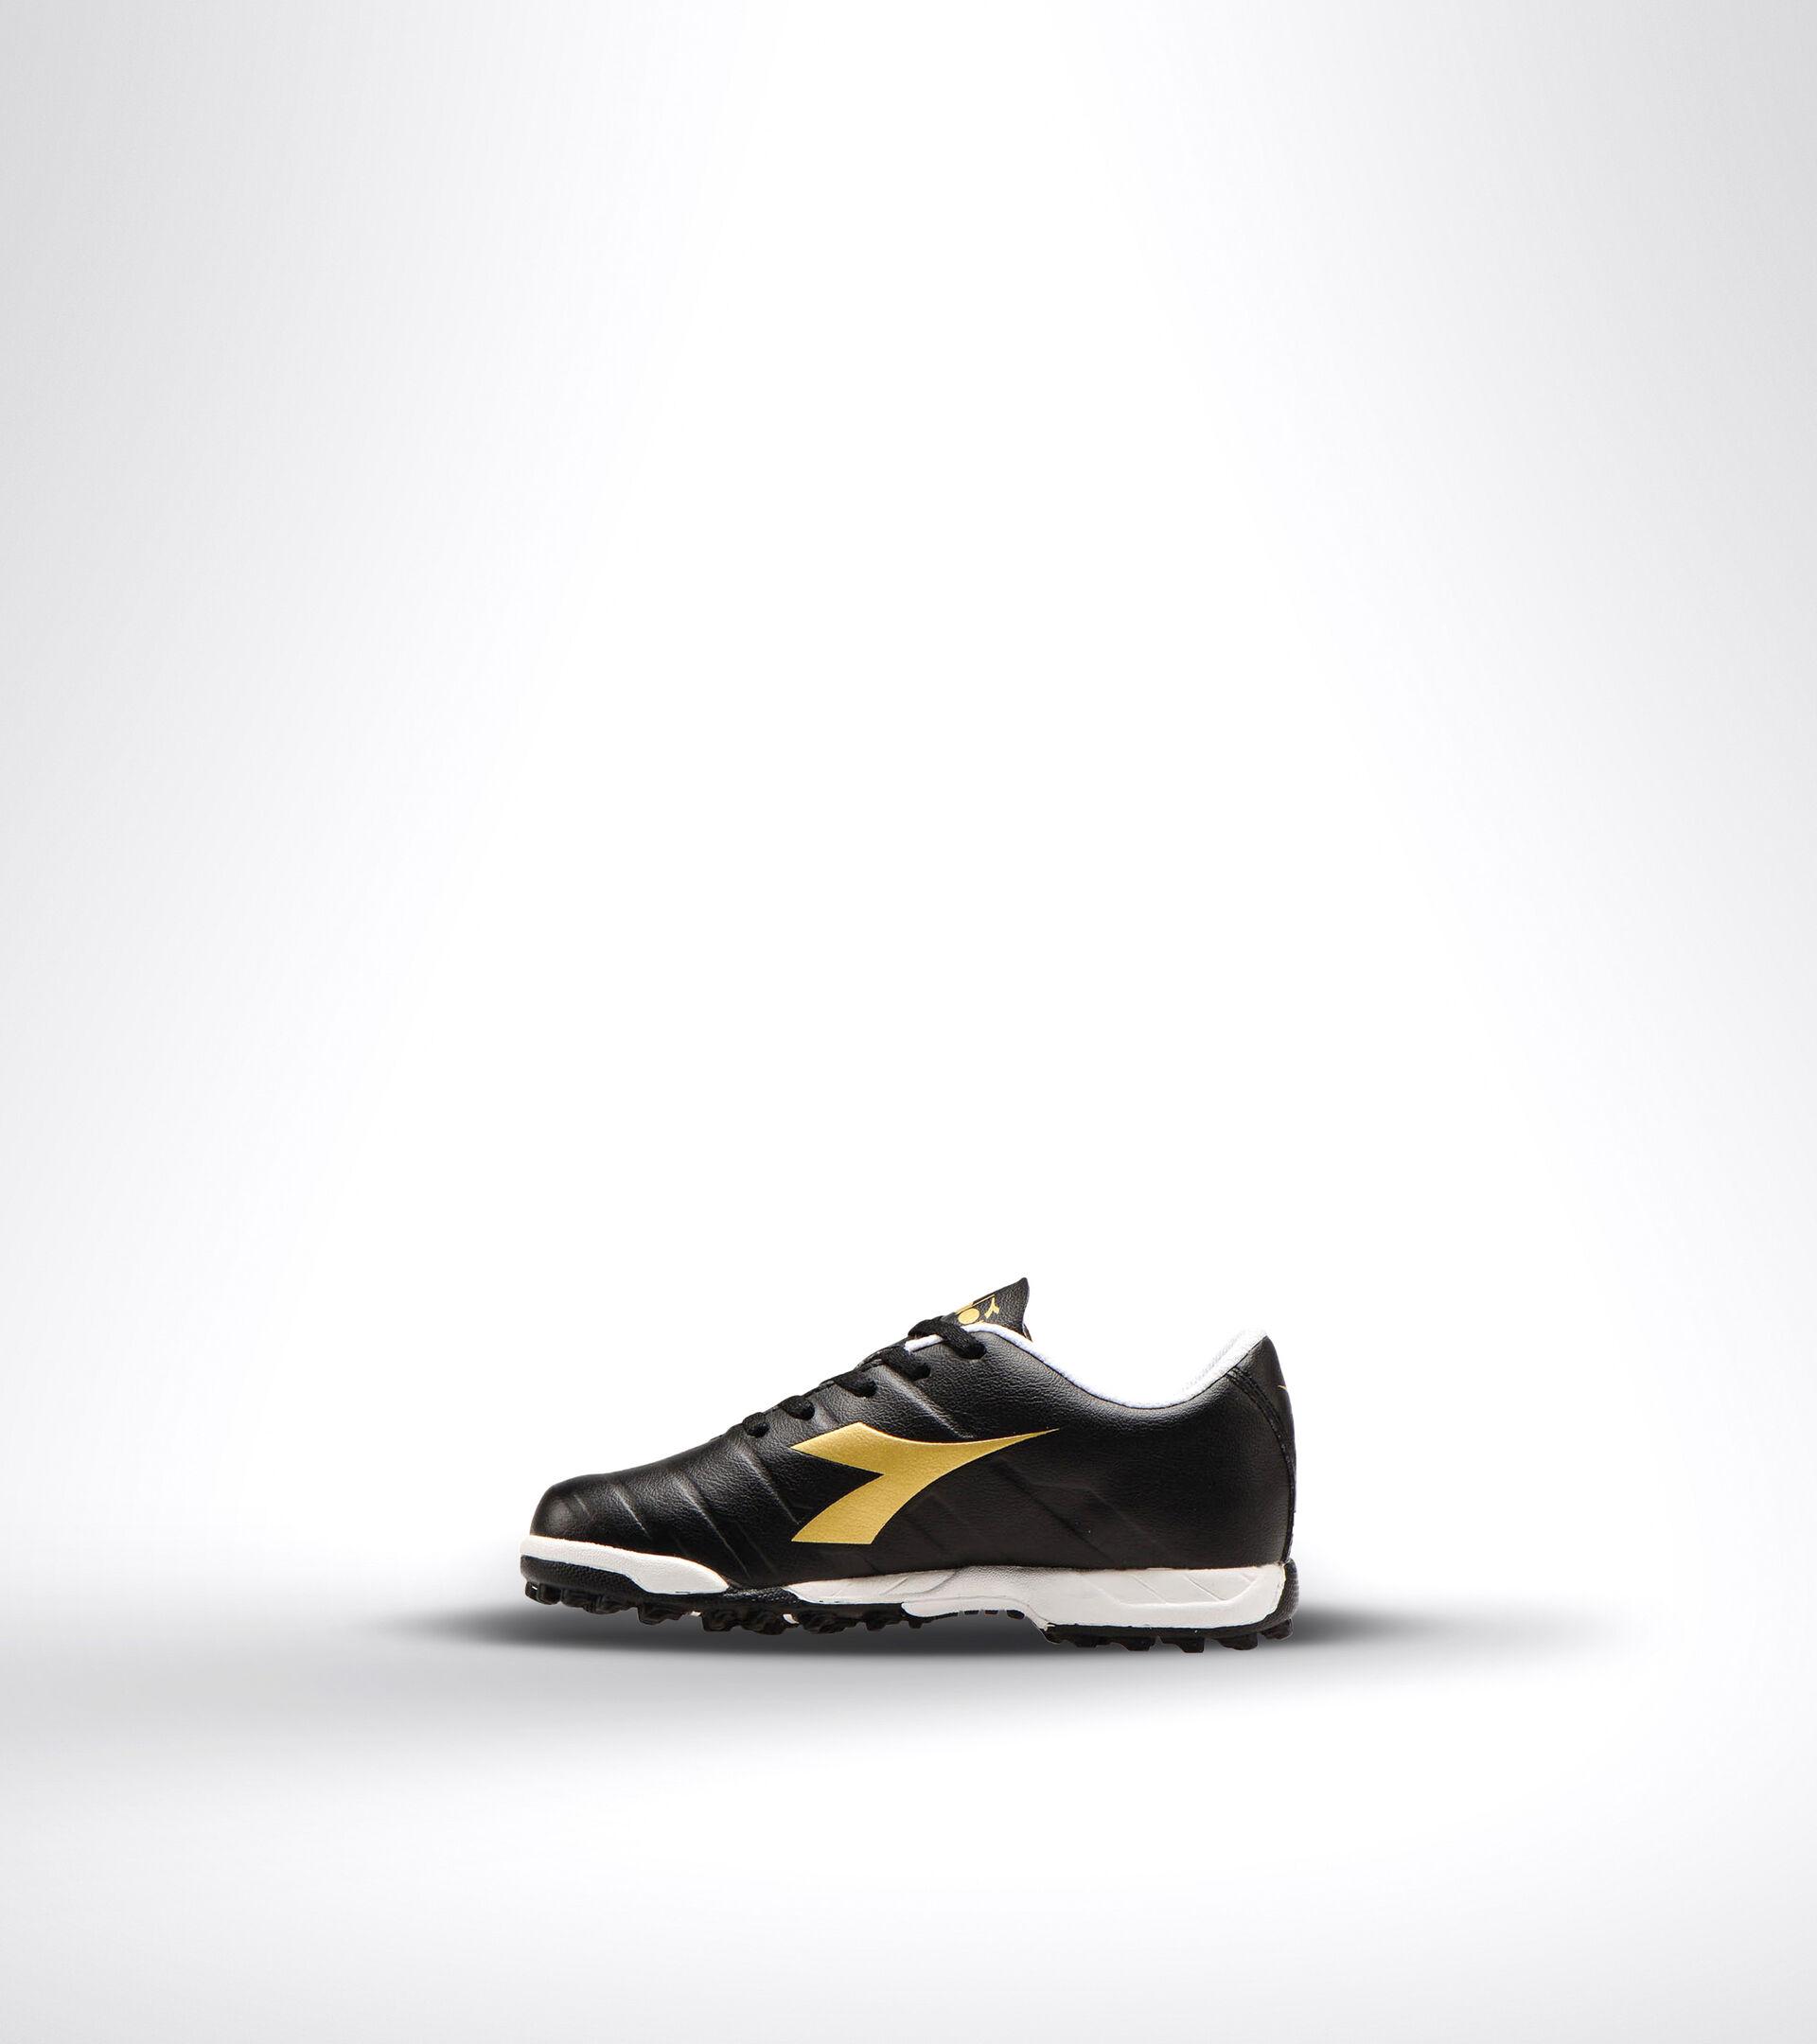 Footwear Sport BAMBINO PICHICHI 3 TF JR NERO/BIANCO/ORO Diadora